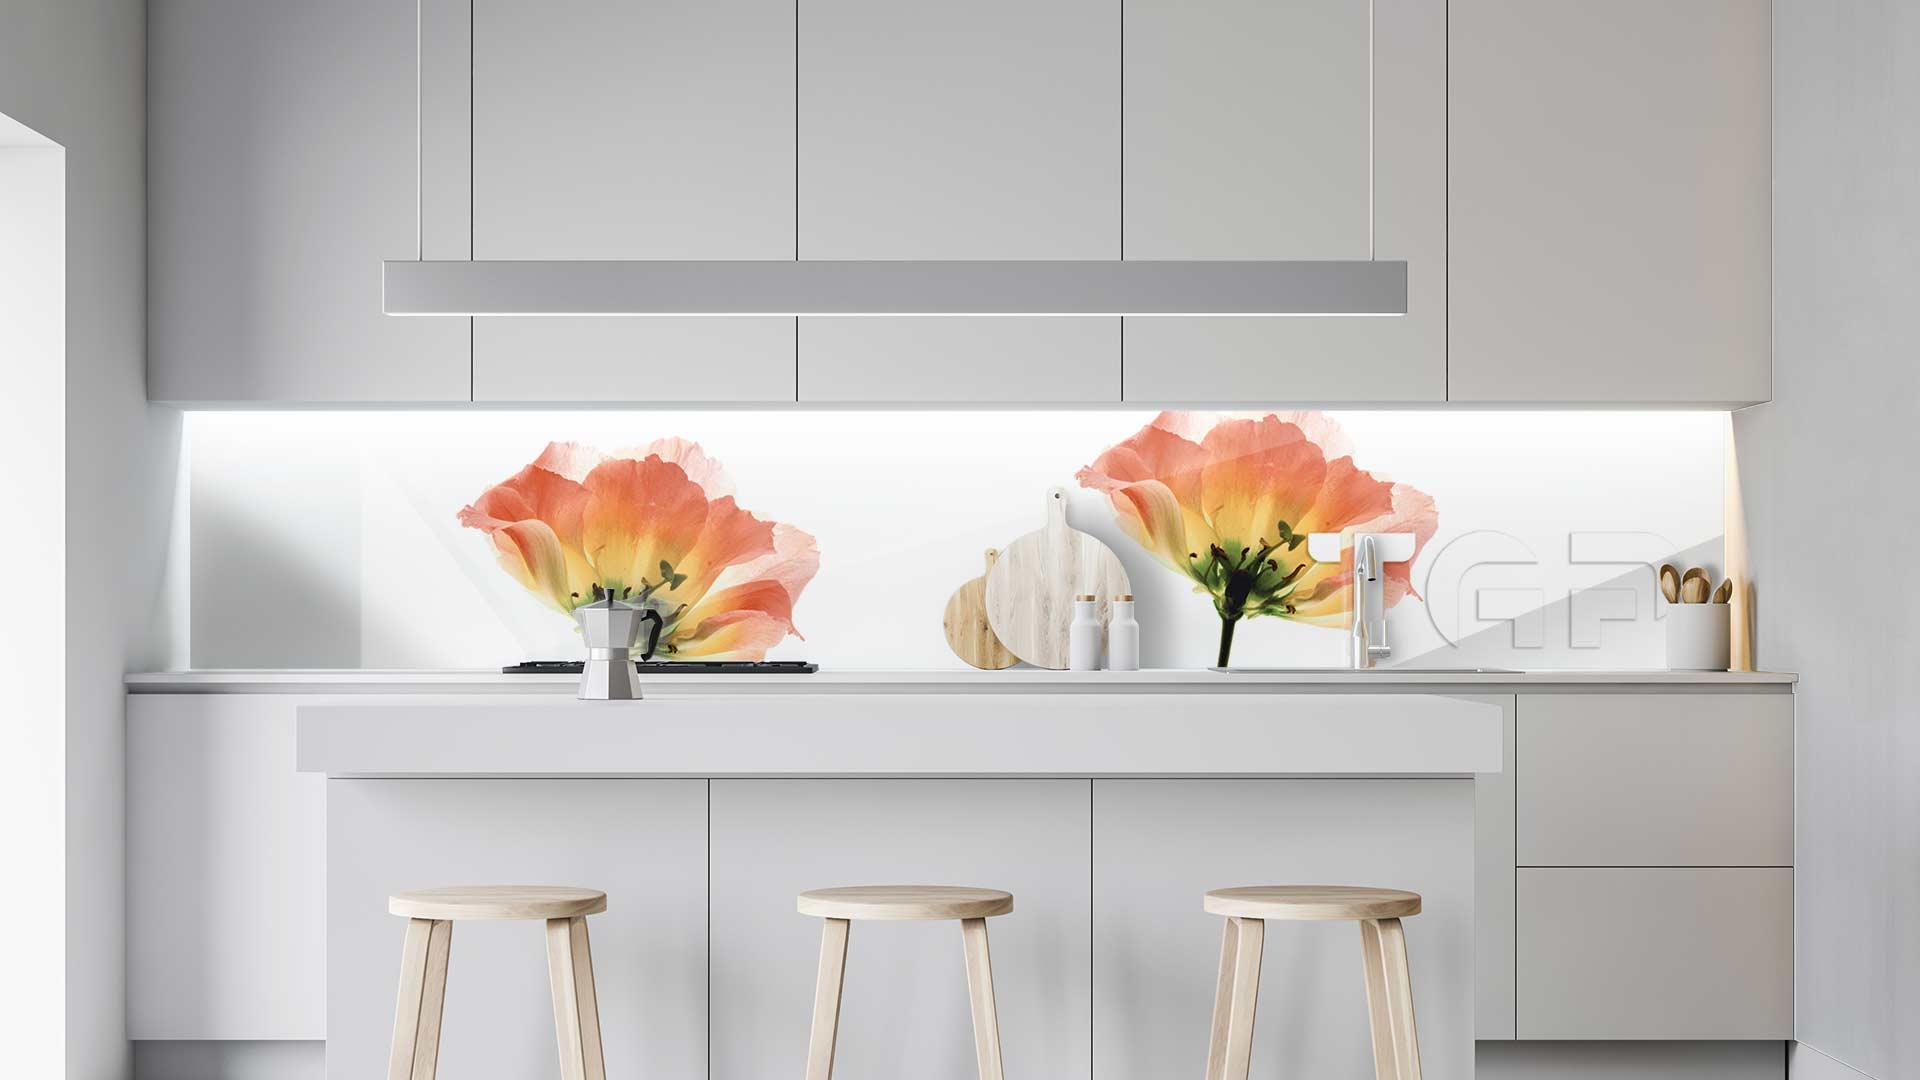 FLW006 sticlă printată bucătărie contrablat